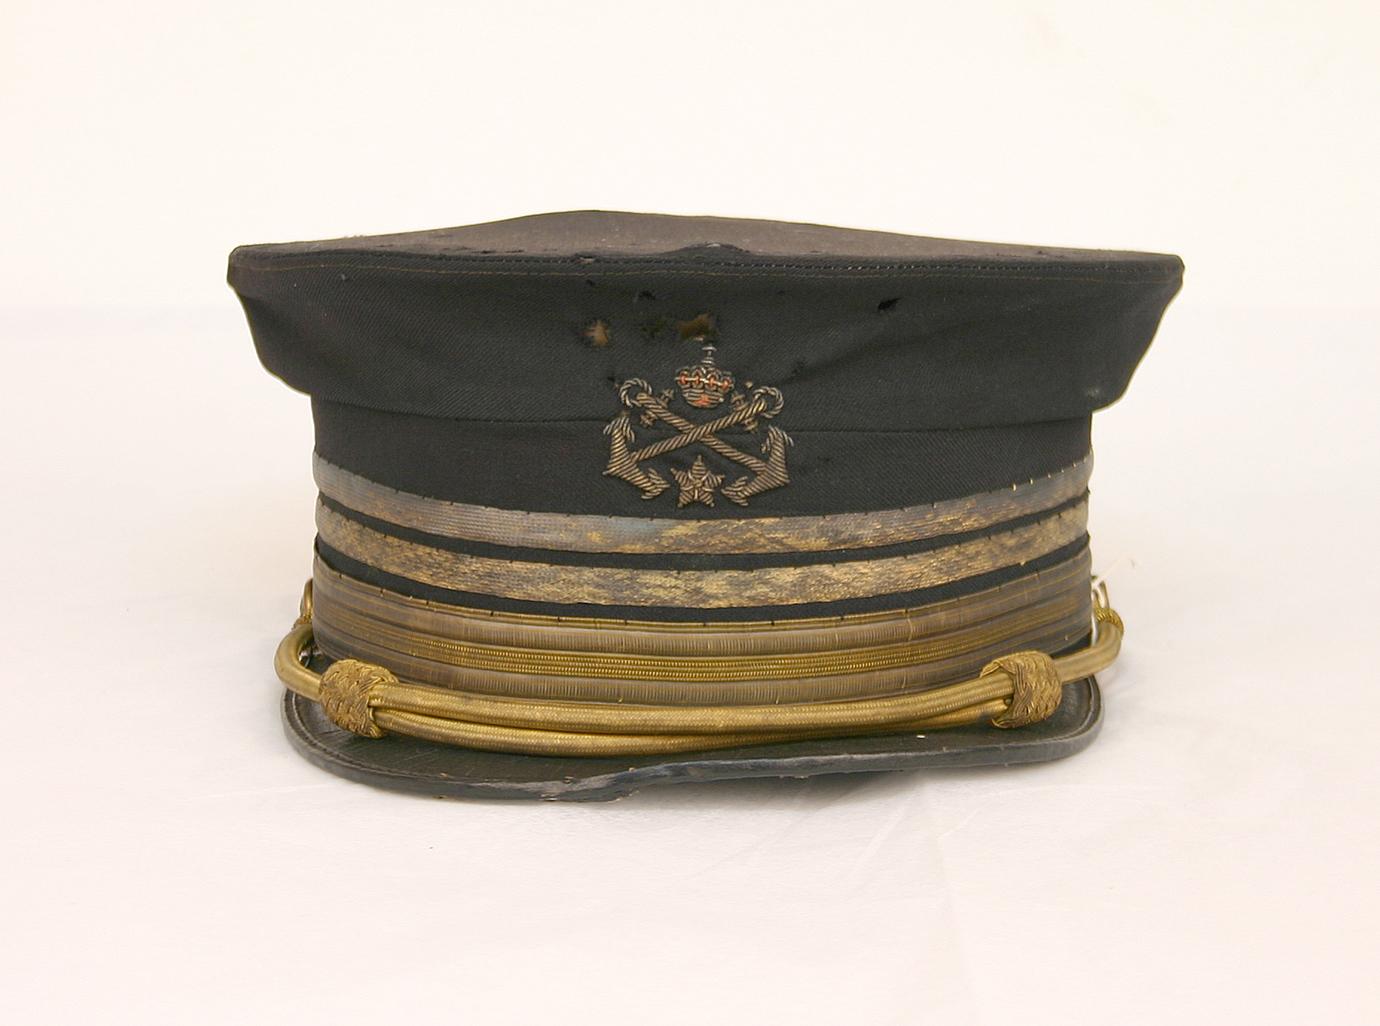 En svart skärmmössa med guldränder och ett märke med två korslagda ankare, en krona och en stjärna.